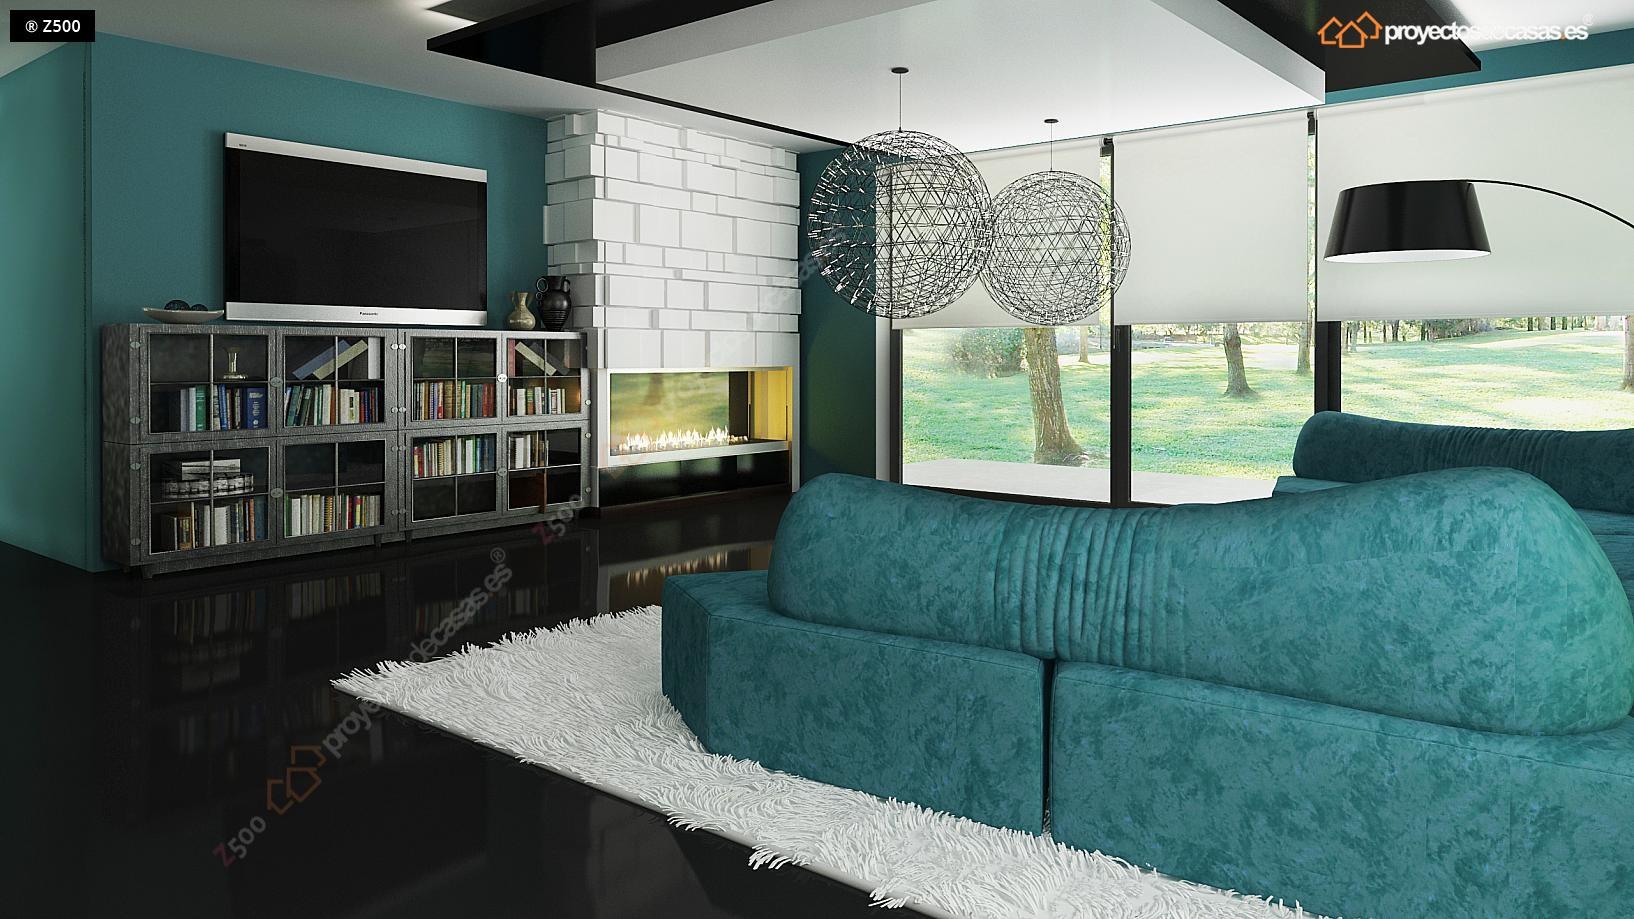 Proyectos de casas casa moderna con piscina - Constructoras albacete ...